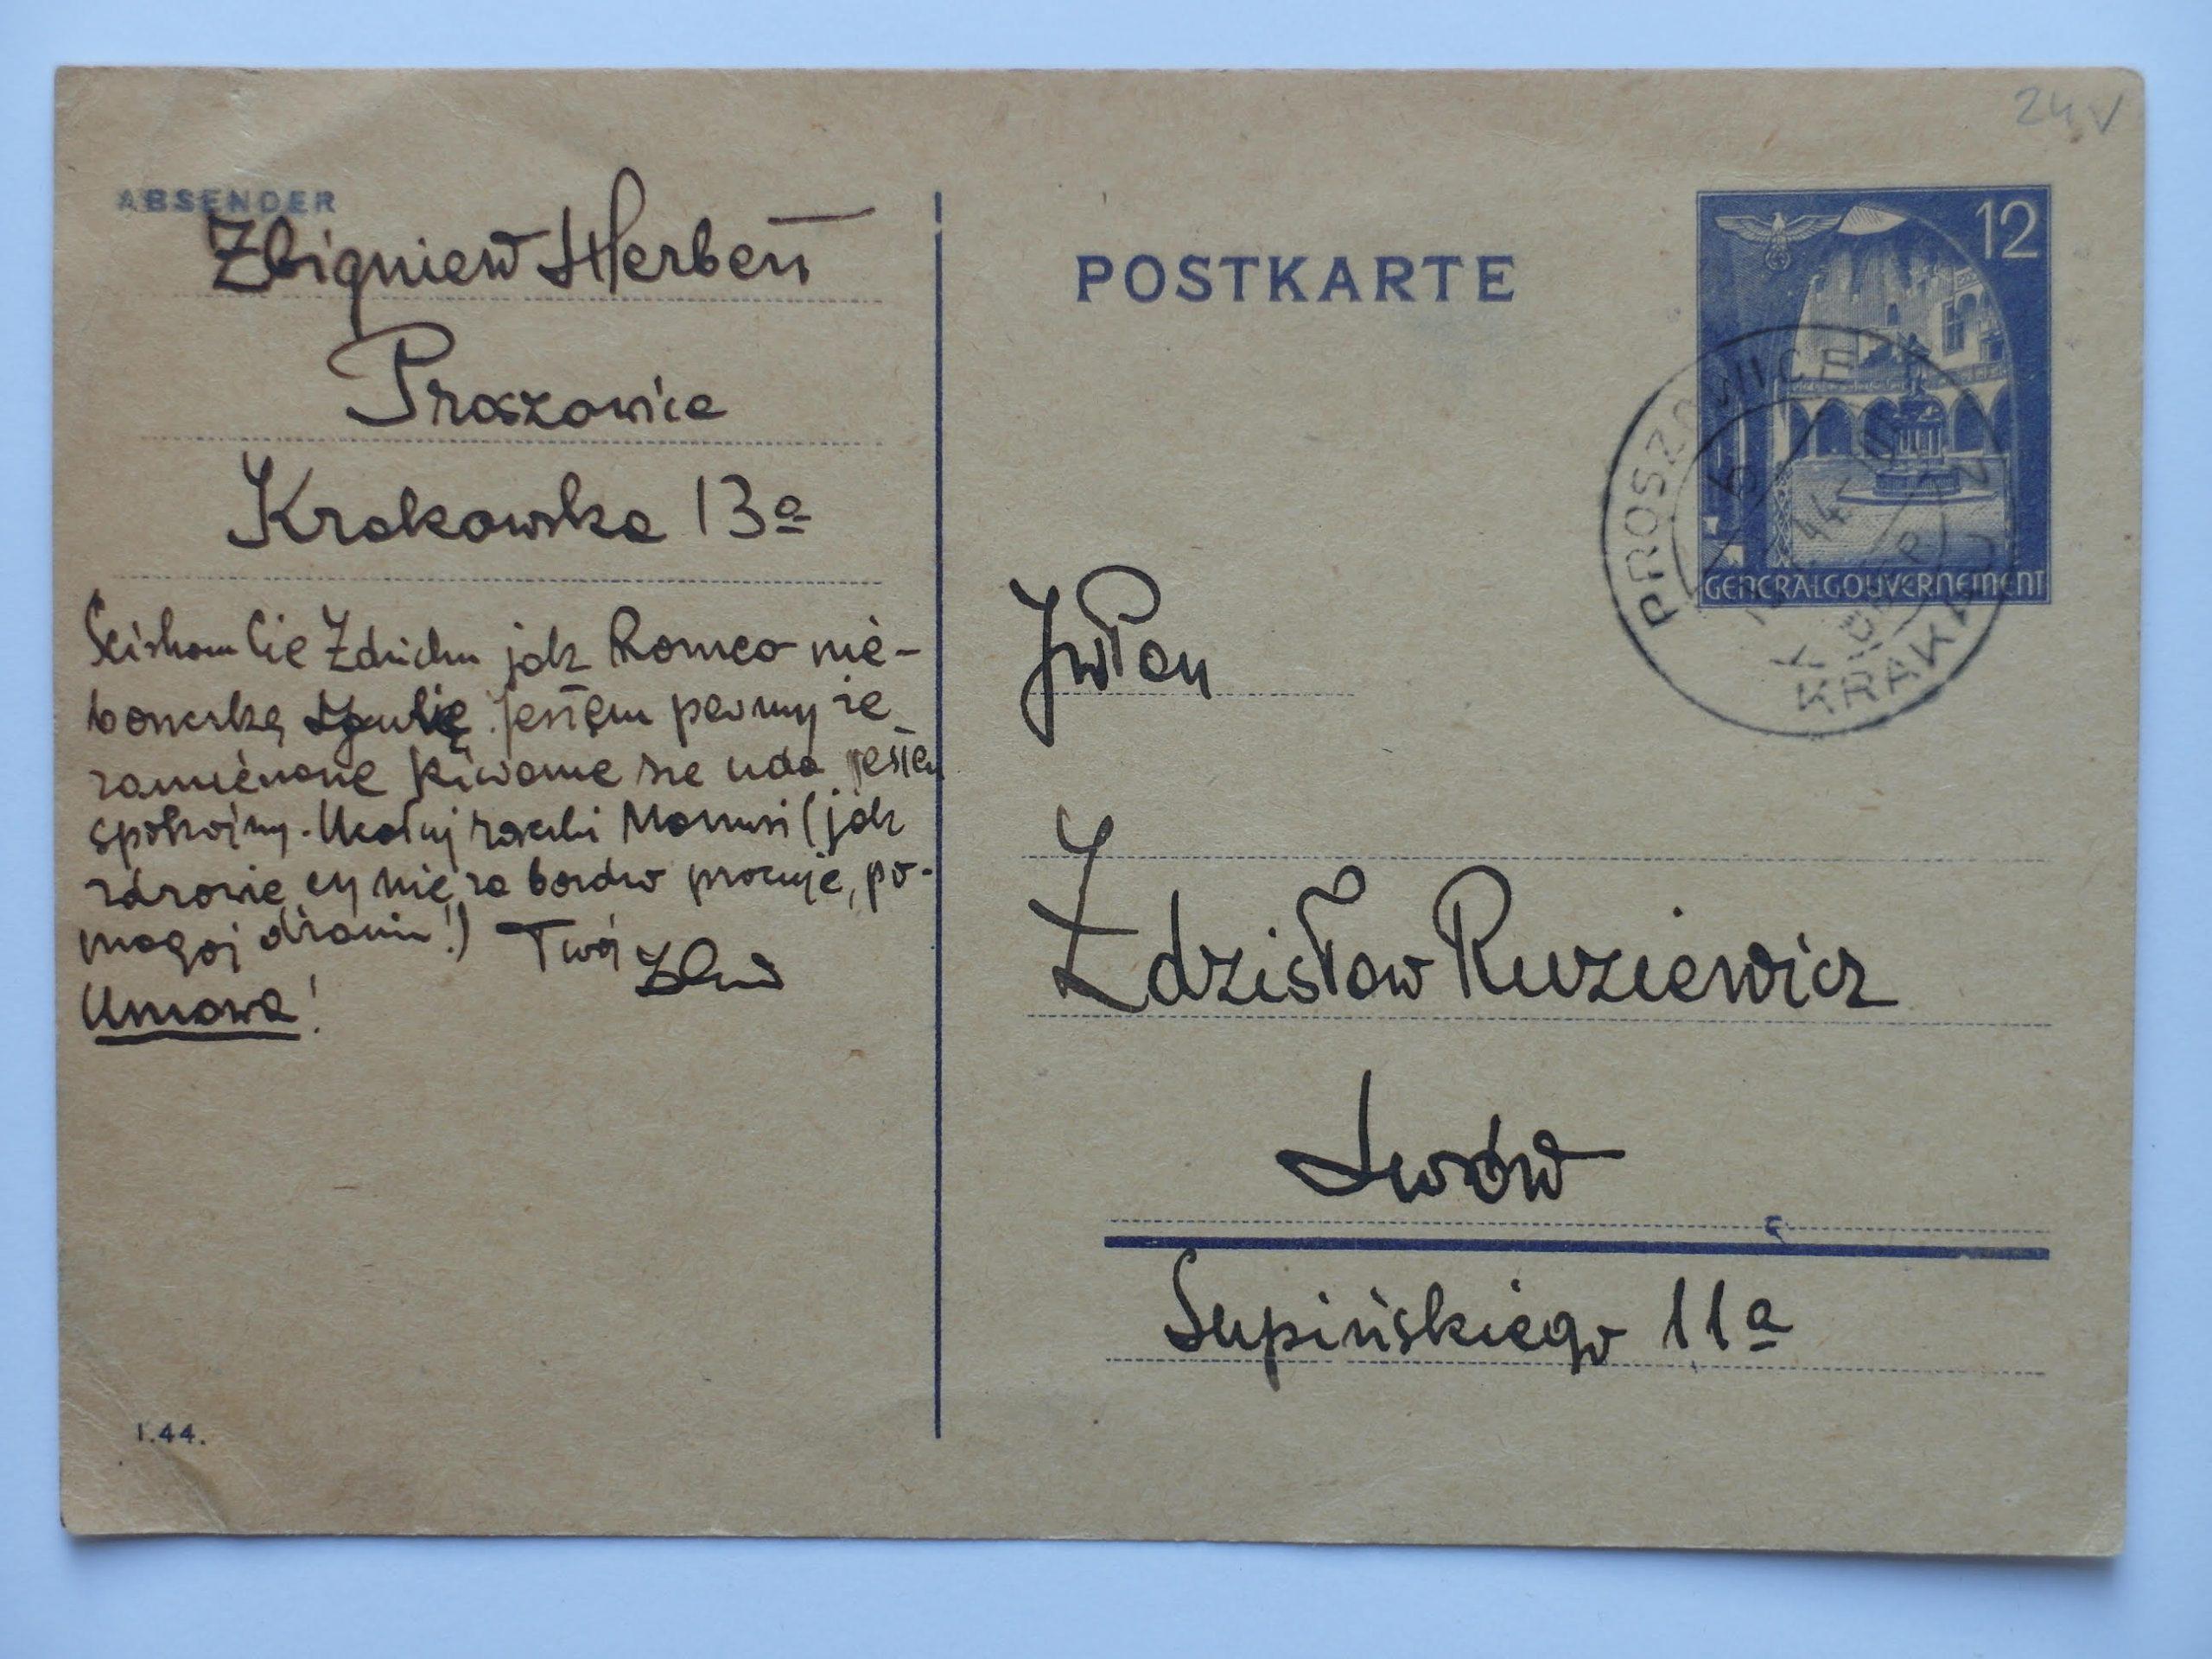 Fot. 1 Kartka pocztowa z adresem ul. Krakowska 13a (Biblioteka Narodowa, Listy Zbigniewa Herberta do Zdzisława Ruziewicza)